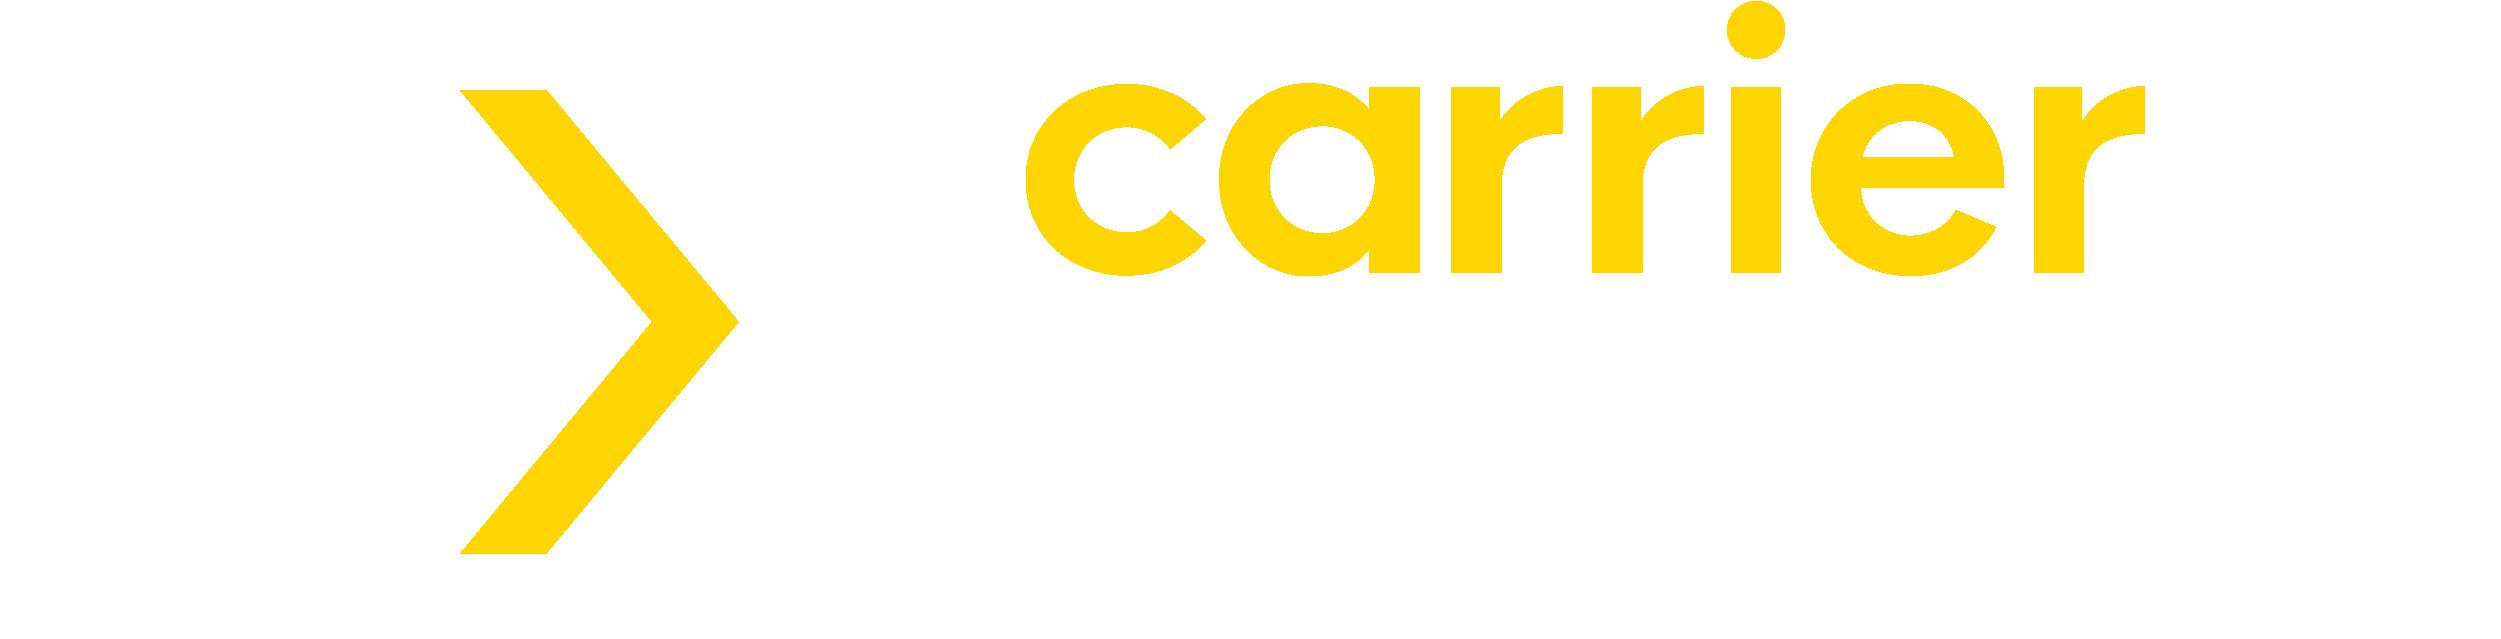 Carrier Manager Rev CMYK